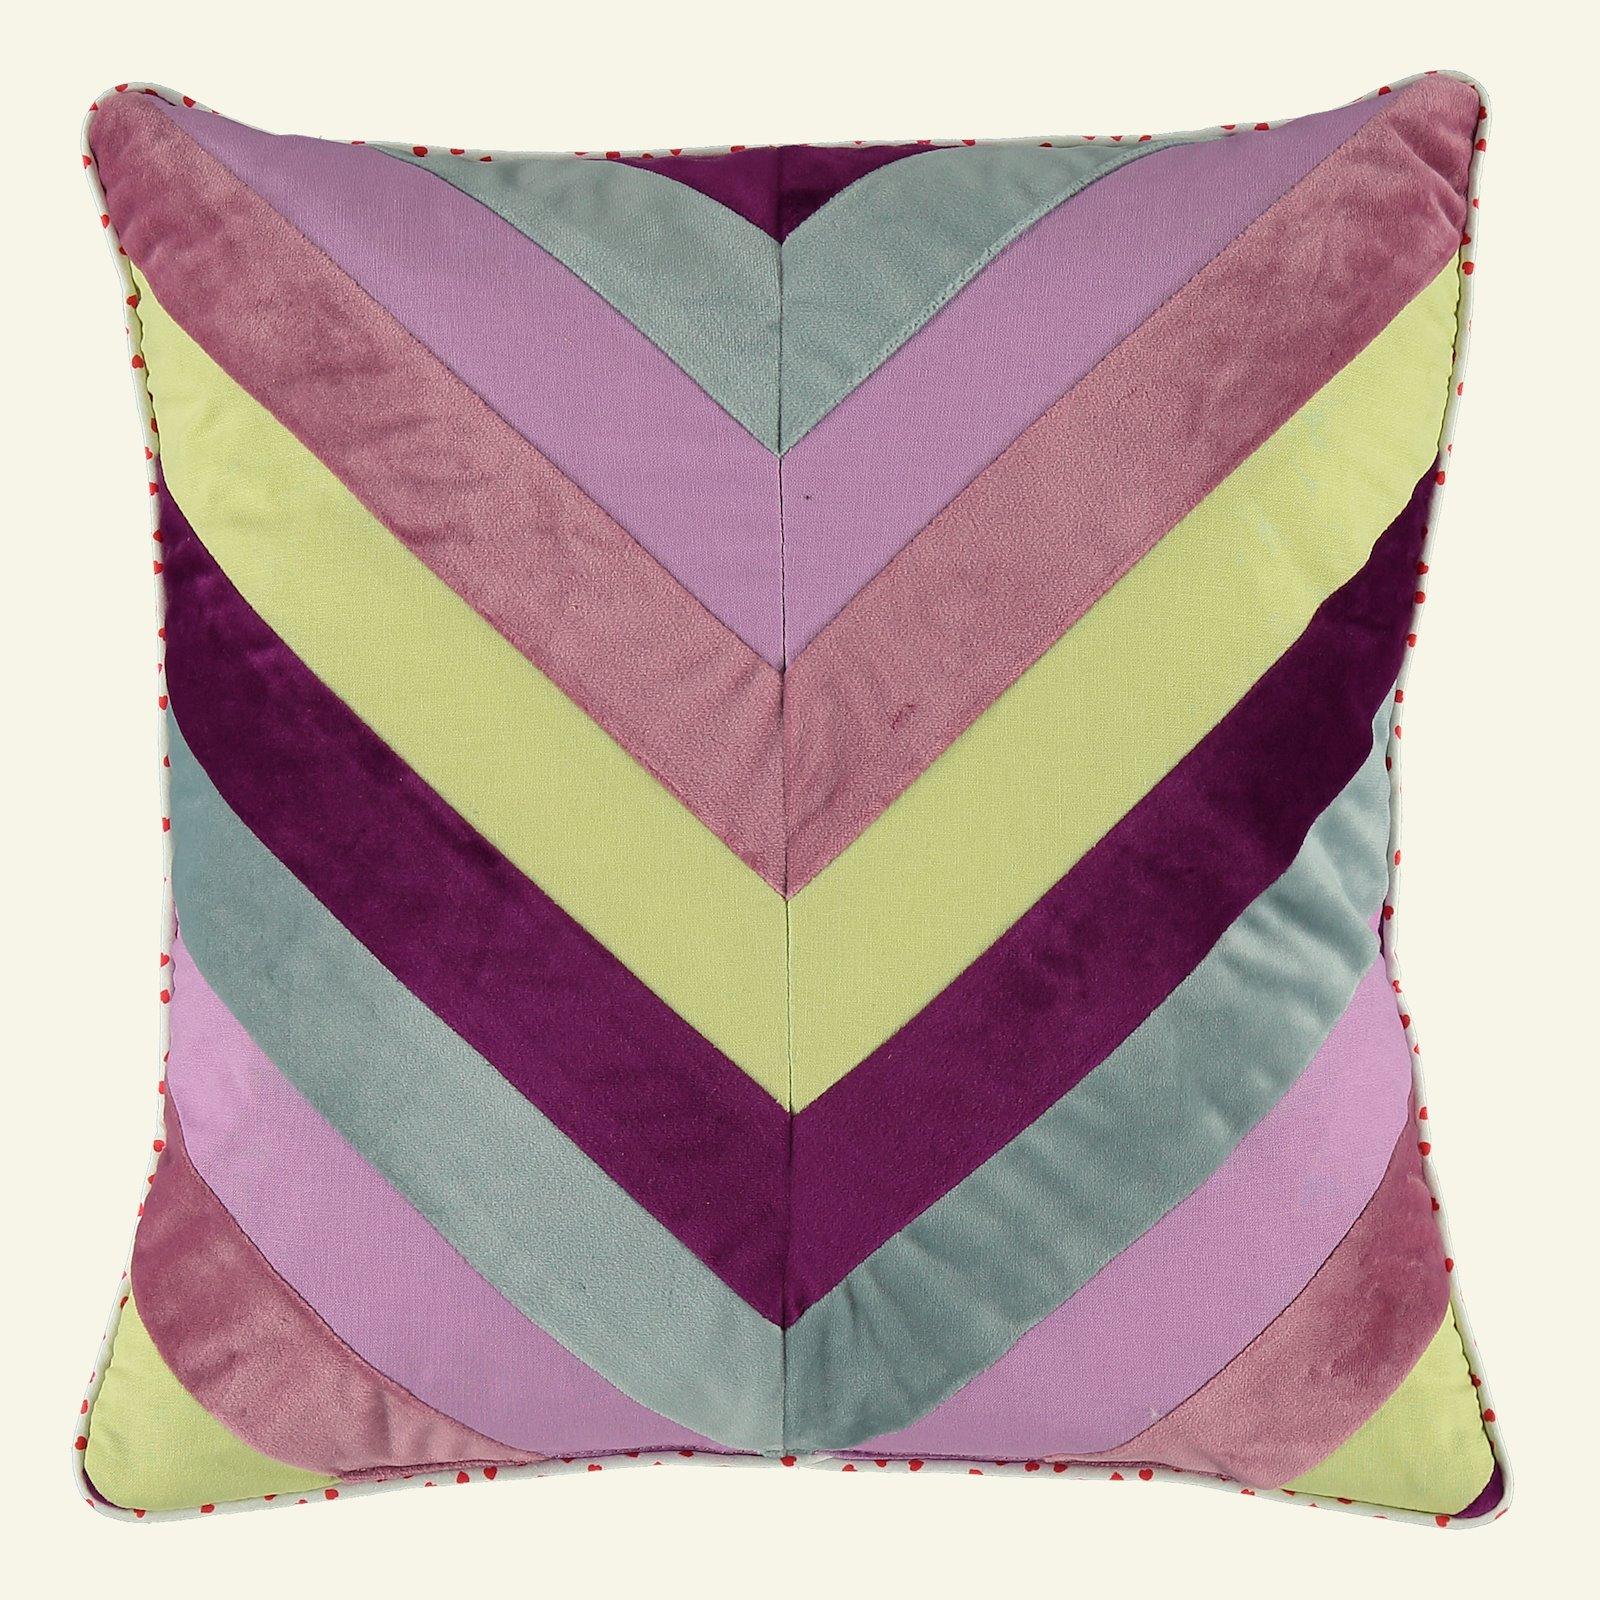 Upholstery shiny velvet light fuchsia 4357_823763_824042_4355_823829_71304_sskit